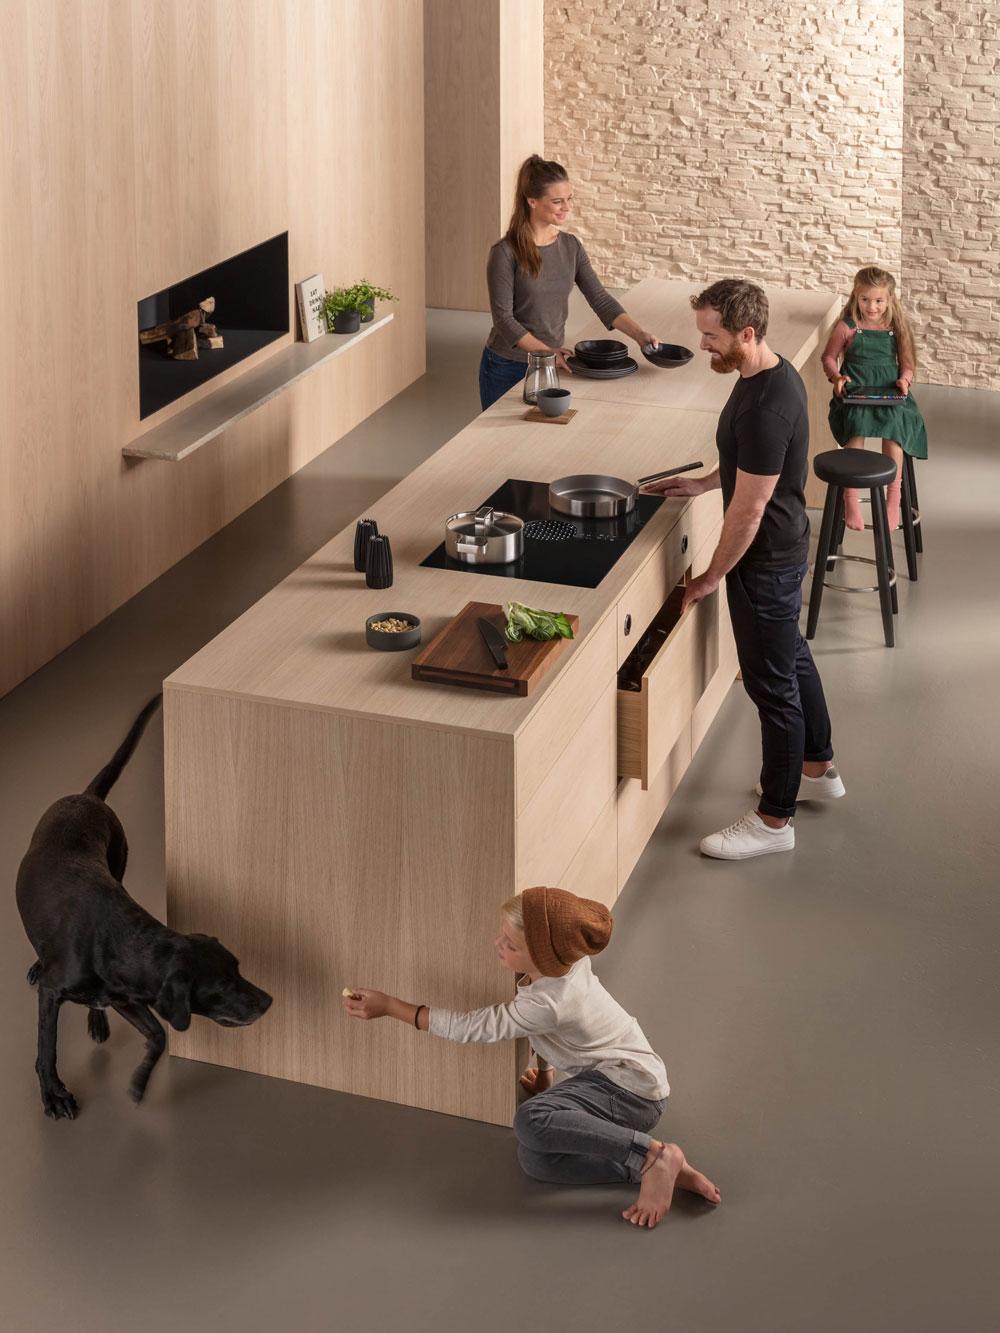 Insbesondere für Inselküchen ist BORA die optimale Lösung.